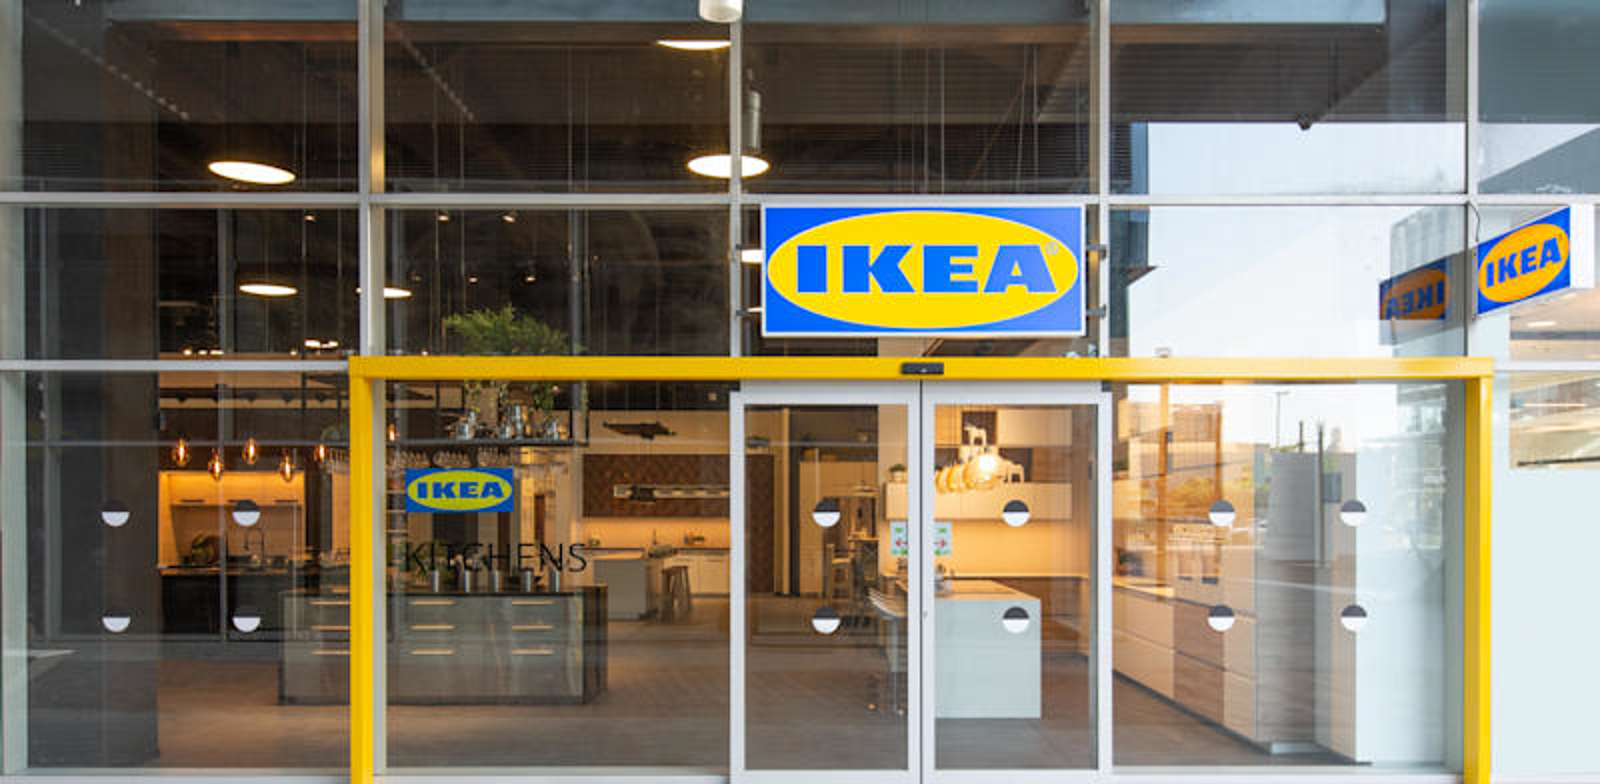 חנות קונספט מטבחים חדשה לאיקאה / צילום: דור נבו